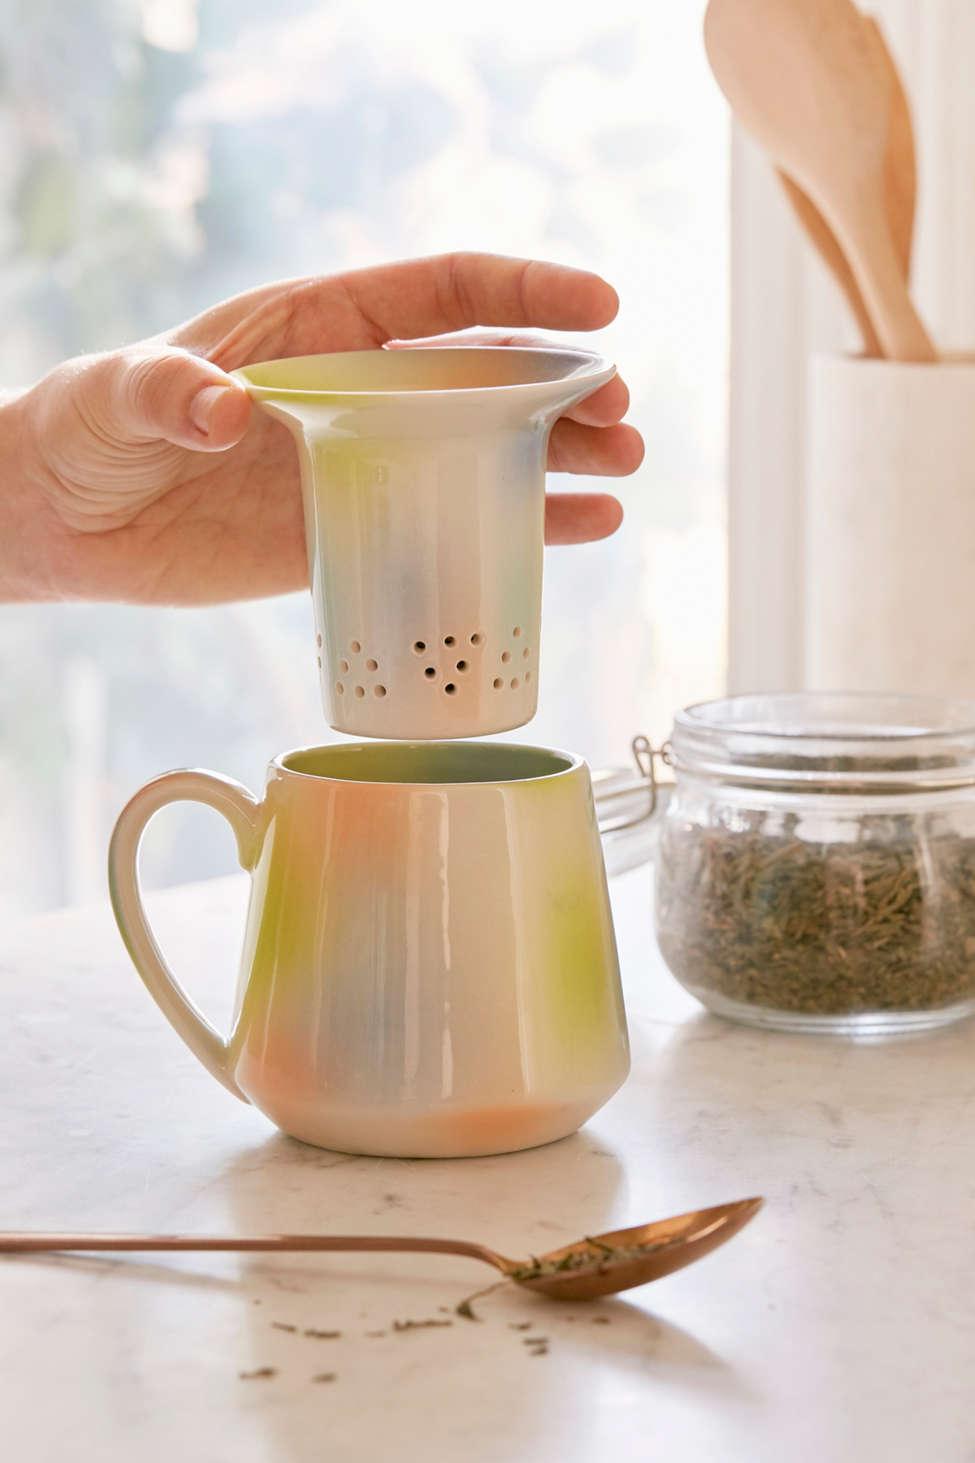 Slide View: 1: Pour-Over Tea Diffuser Mug